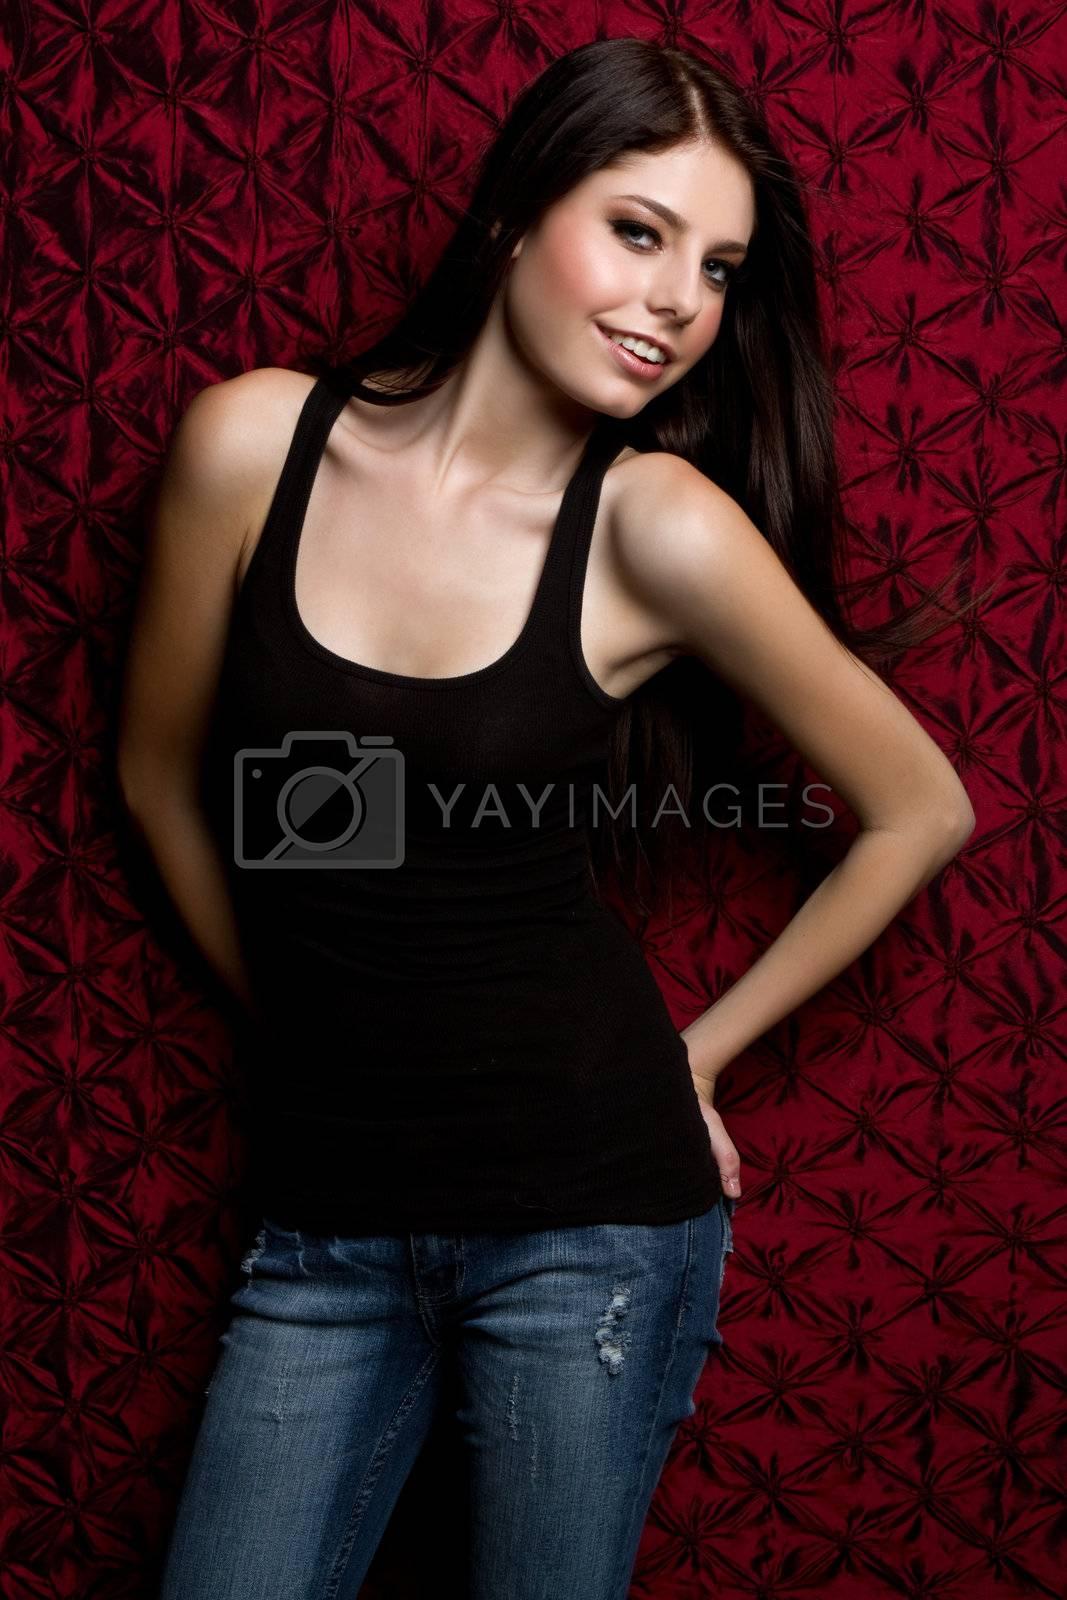 Beautiful smiling teen fashion girl